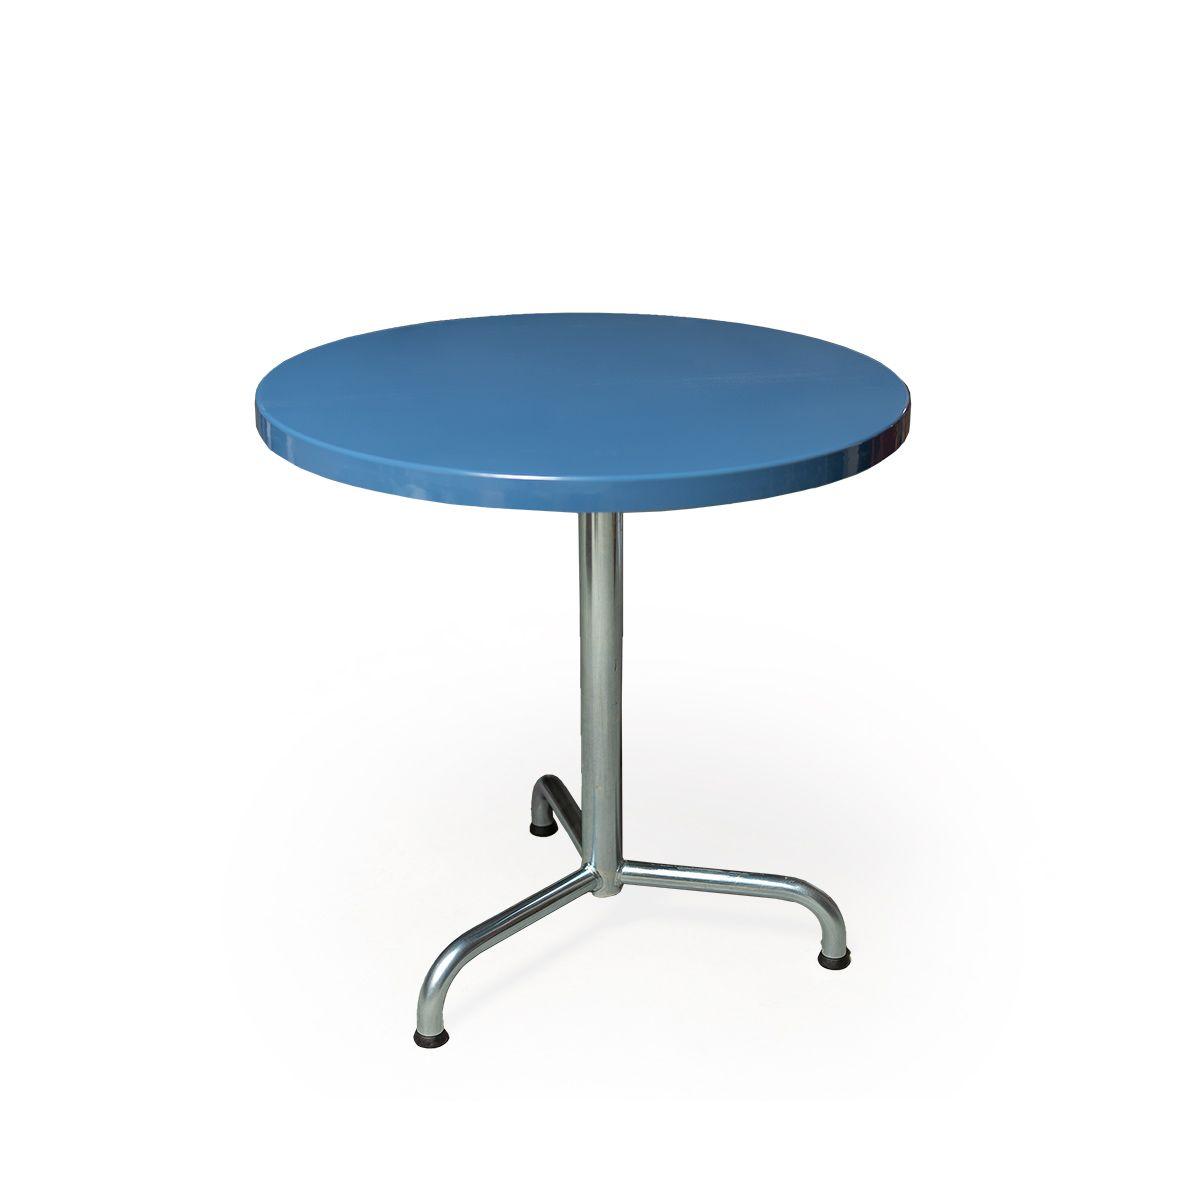 GFK Tisch fernblau, glanz, Untergestell galvanisch, 3-Stern Retro, D 70 x 3.5 cm, H 73 cm